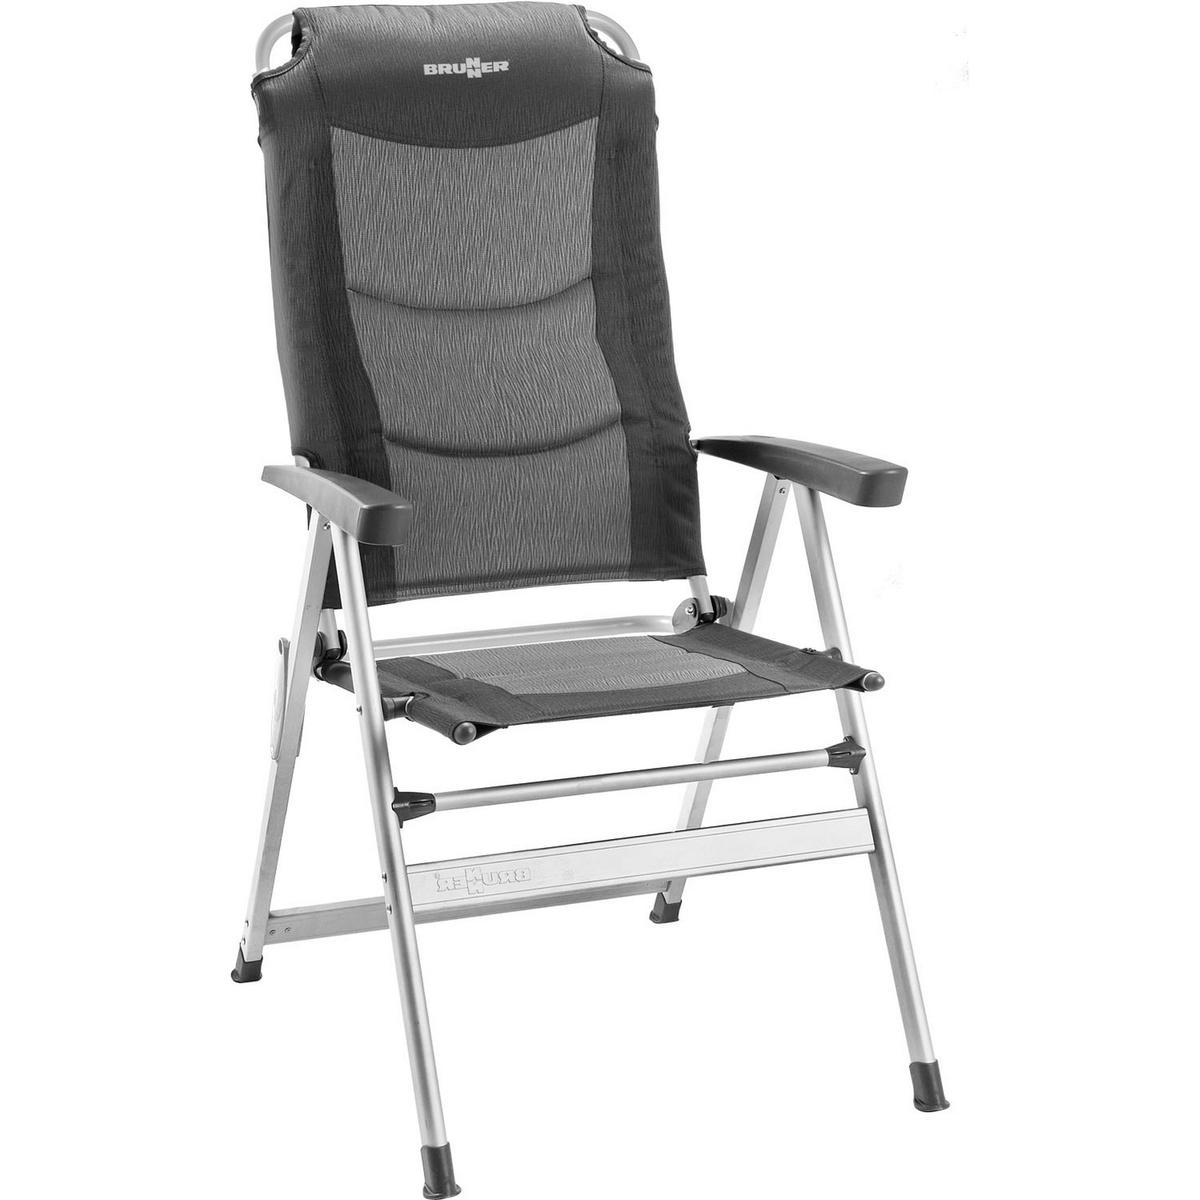 (ブルンナー) Brunner Kerry スリム アルミニウム リクライナー キャンプ 椅子 チェアー アウトドア 【海外直送】